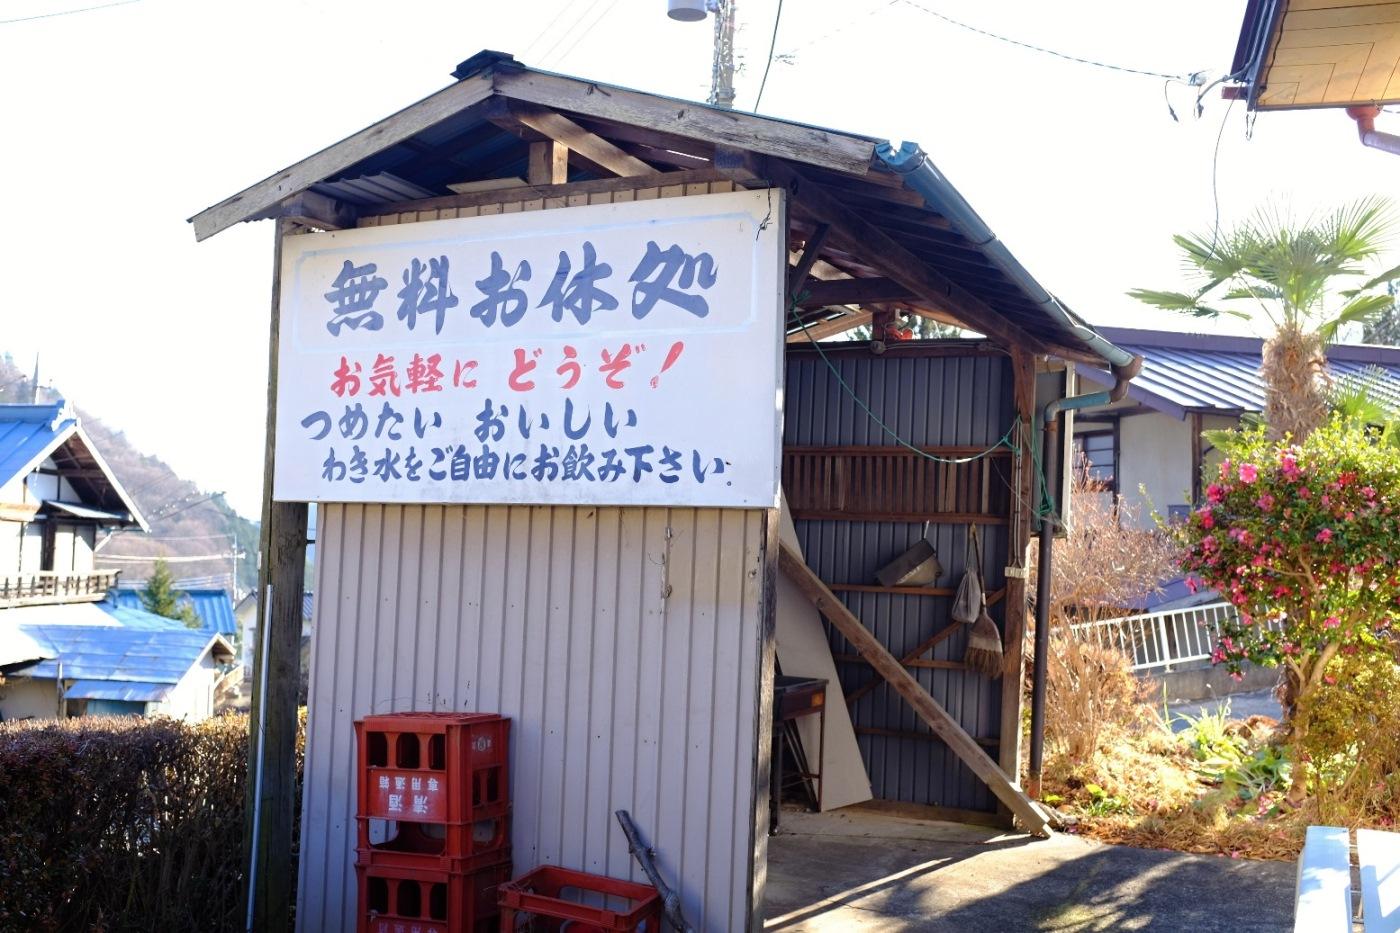 2015/12/18 乾徳山 道満山 04_d0233770_23412214.jpg